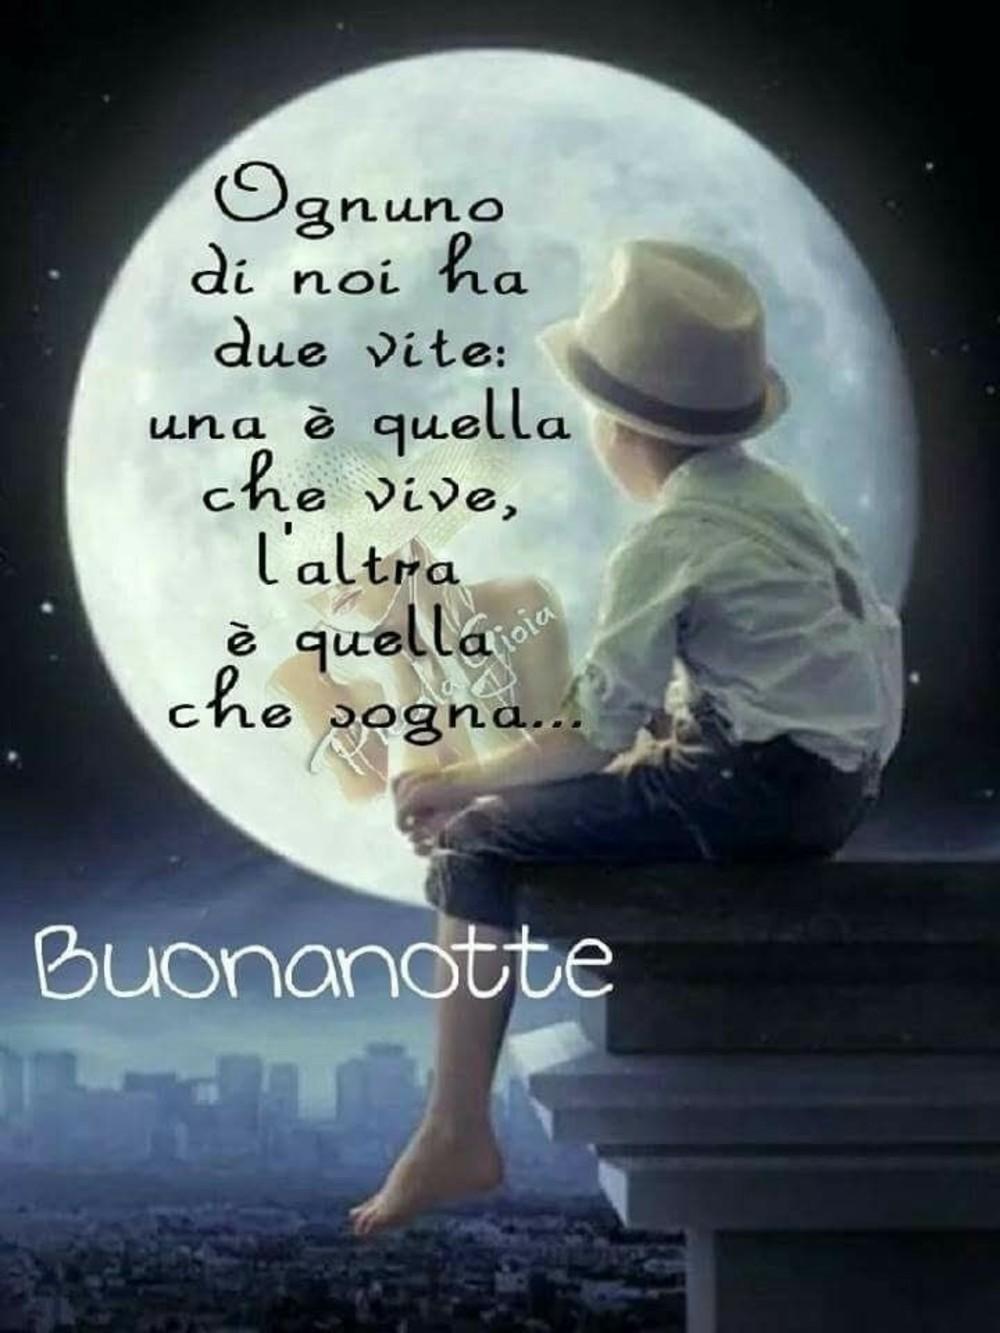 Belle Immagini Buonanotte Favolose Archives Pagina 2 Di 4